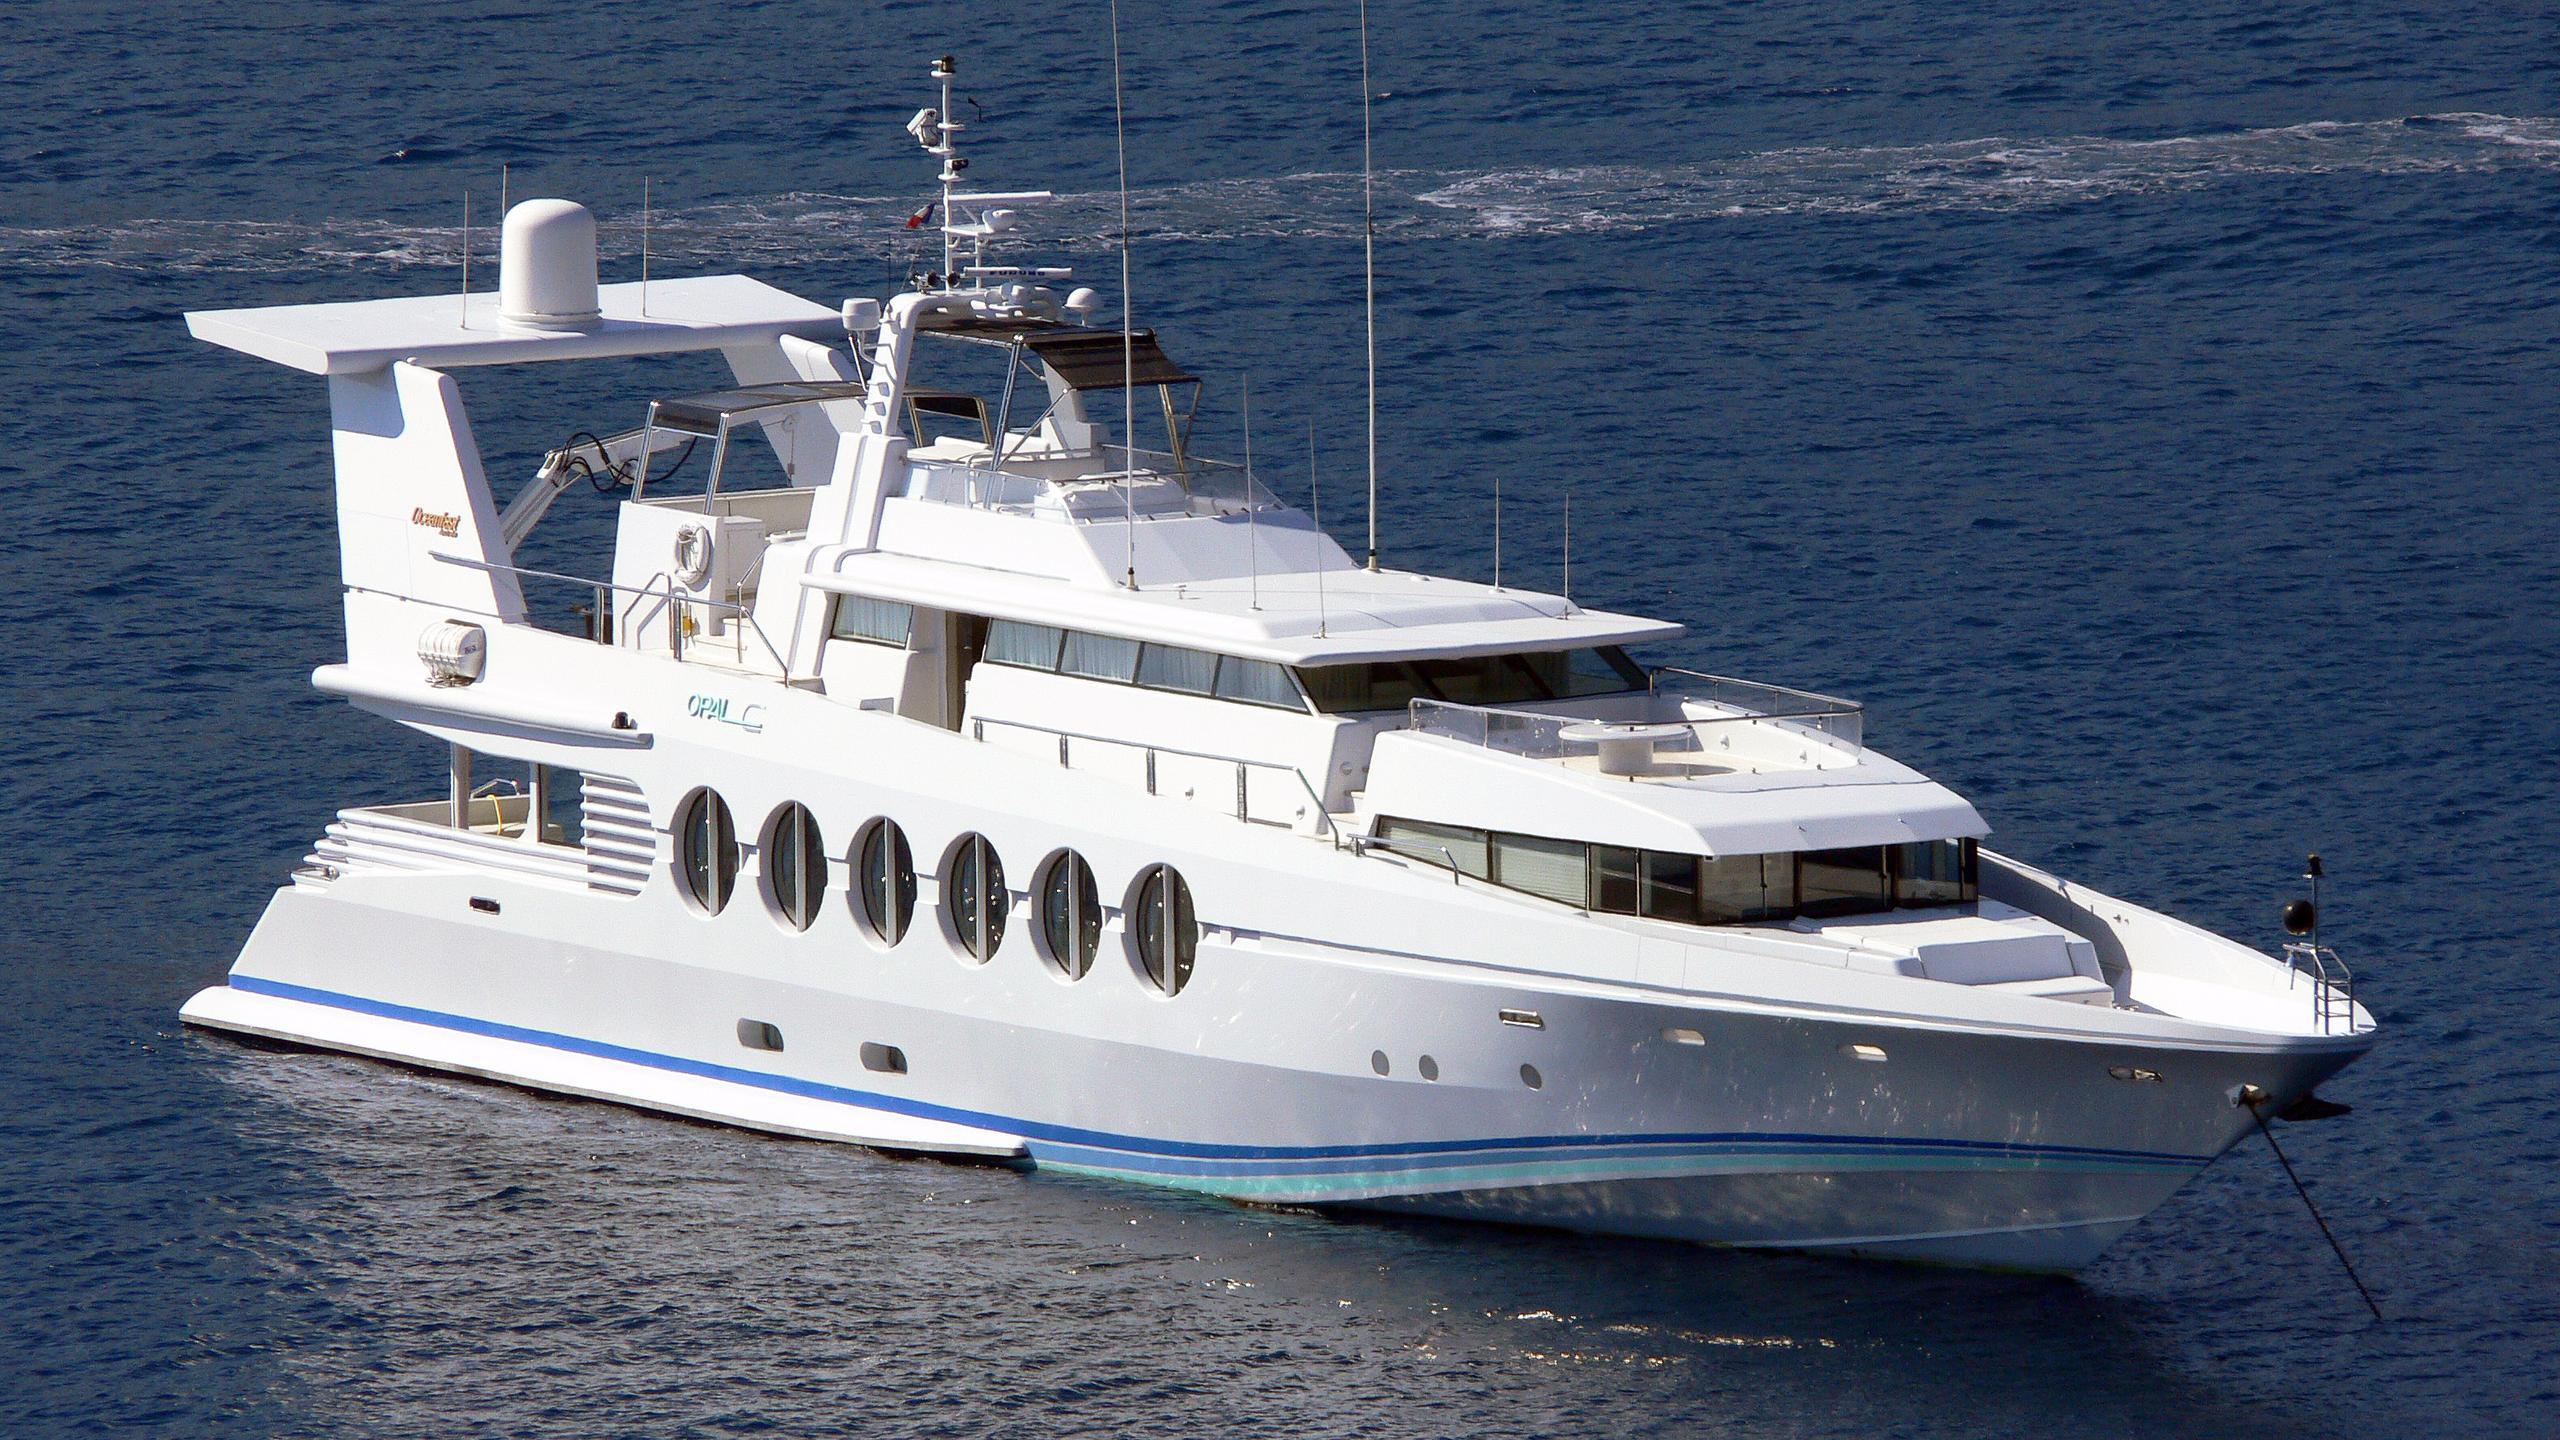 lady-arraya-motor-yacht-oceanfast-1990-40m-stern